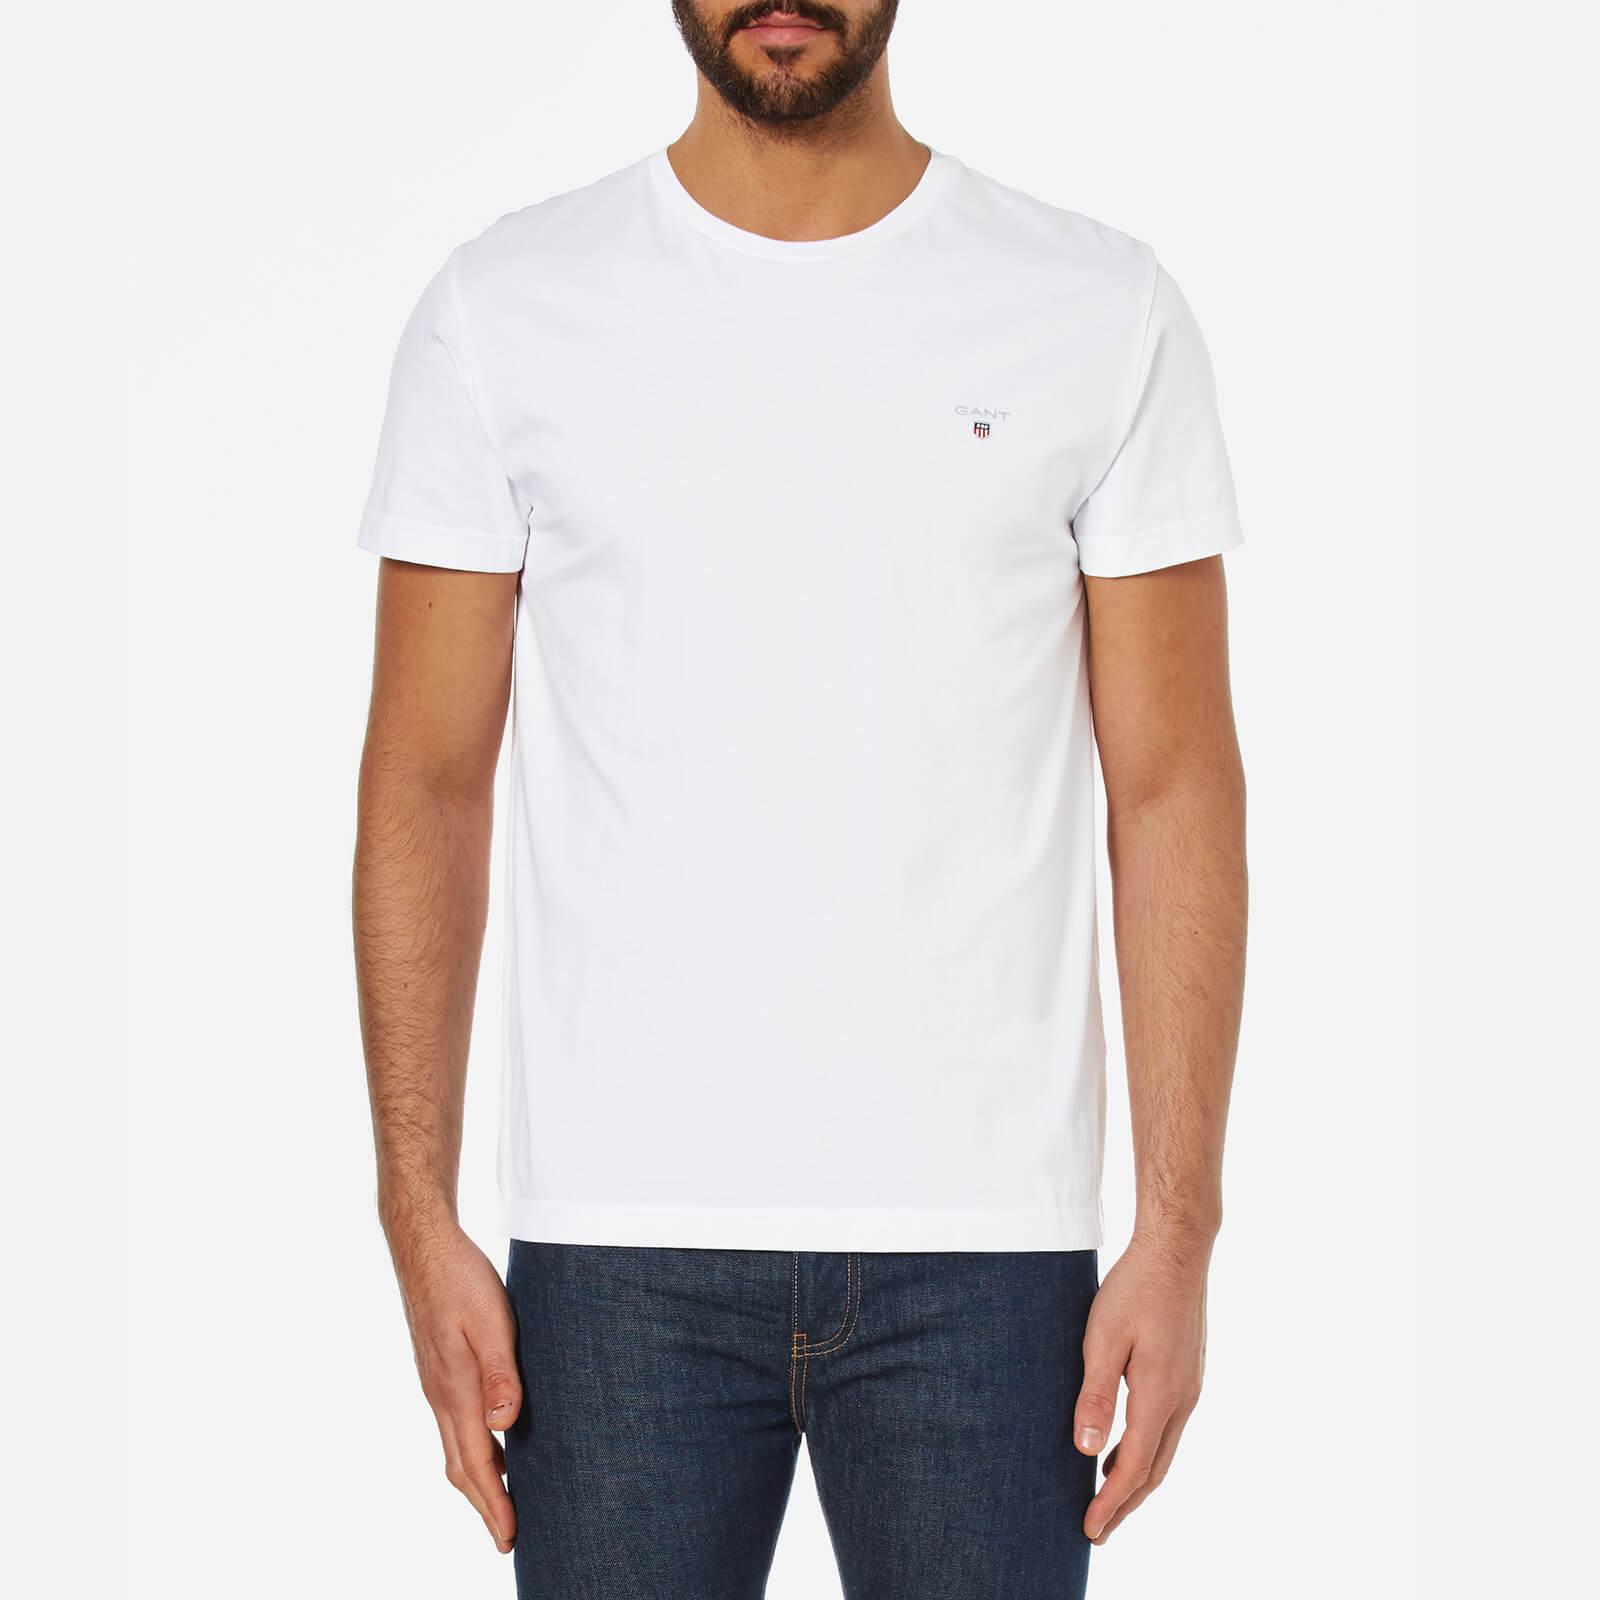 a62e0bfb992a21 GANT Men's Original Short Sleeve T-Shirt - White Clothing | TheHut.com